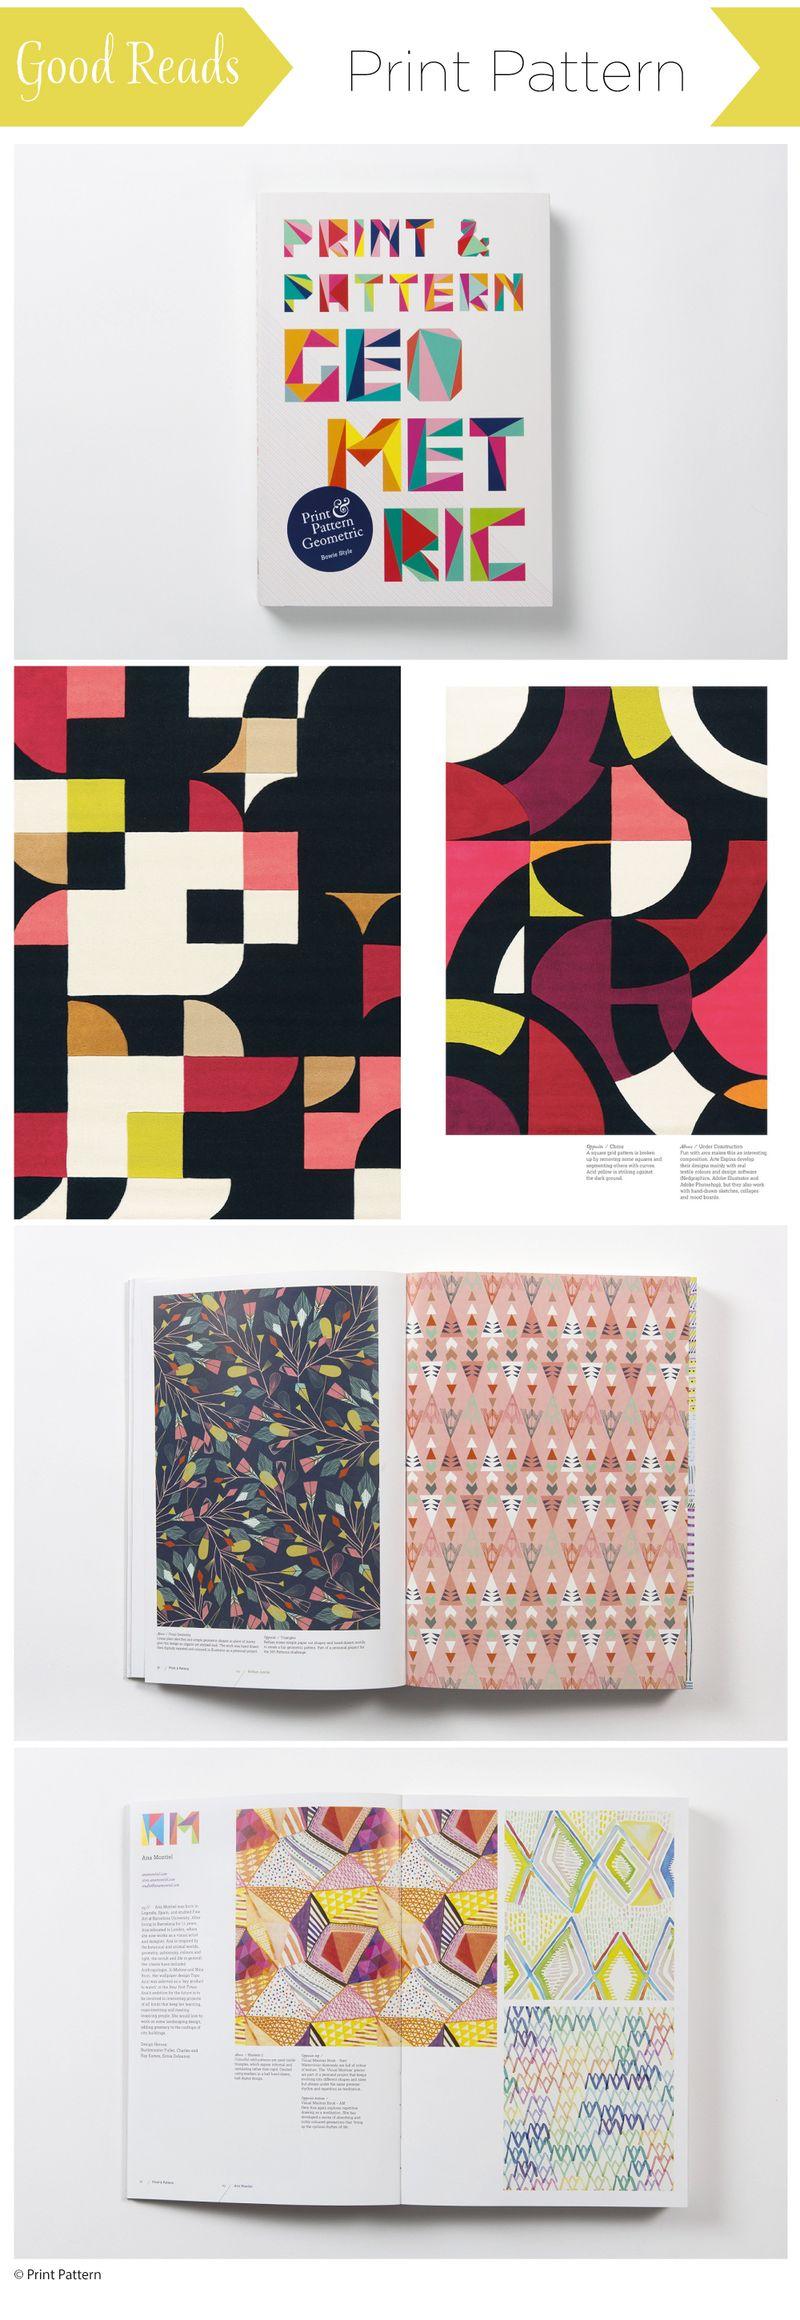 Print-Pattern